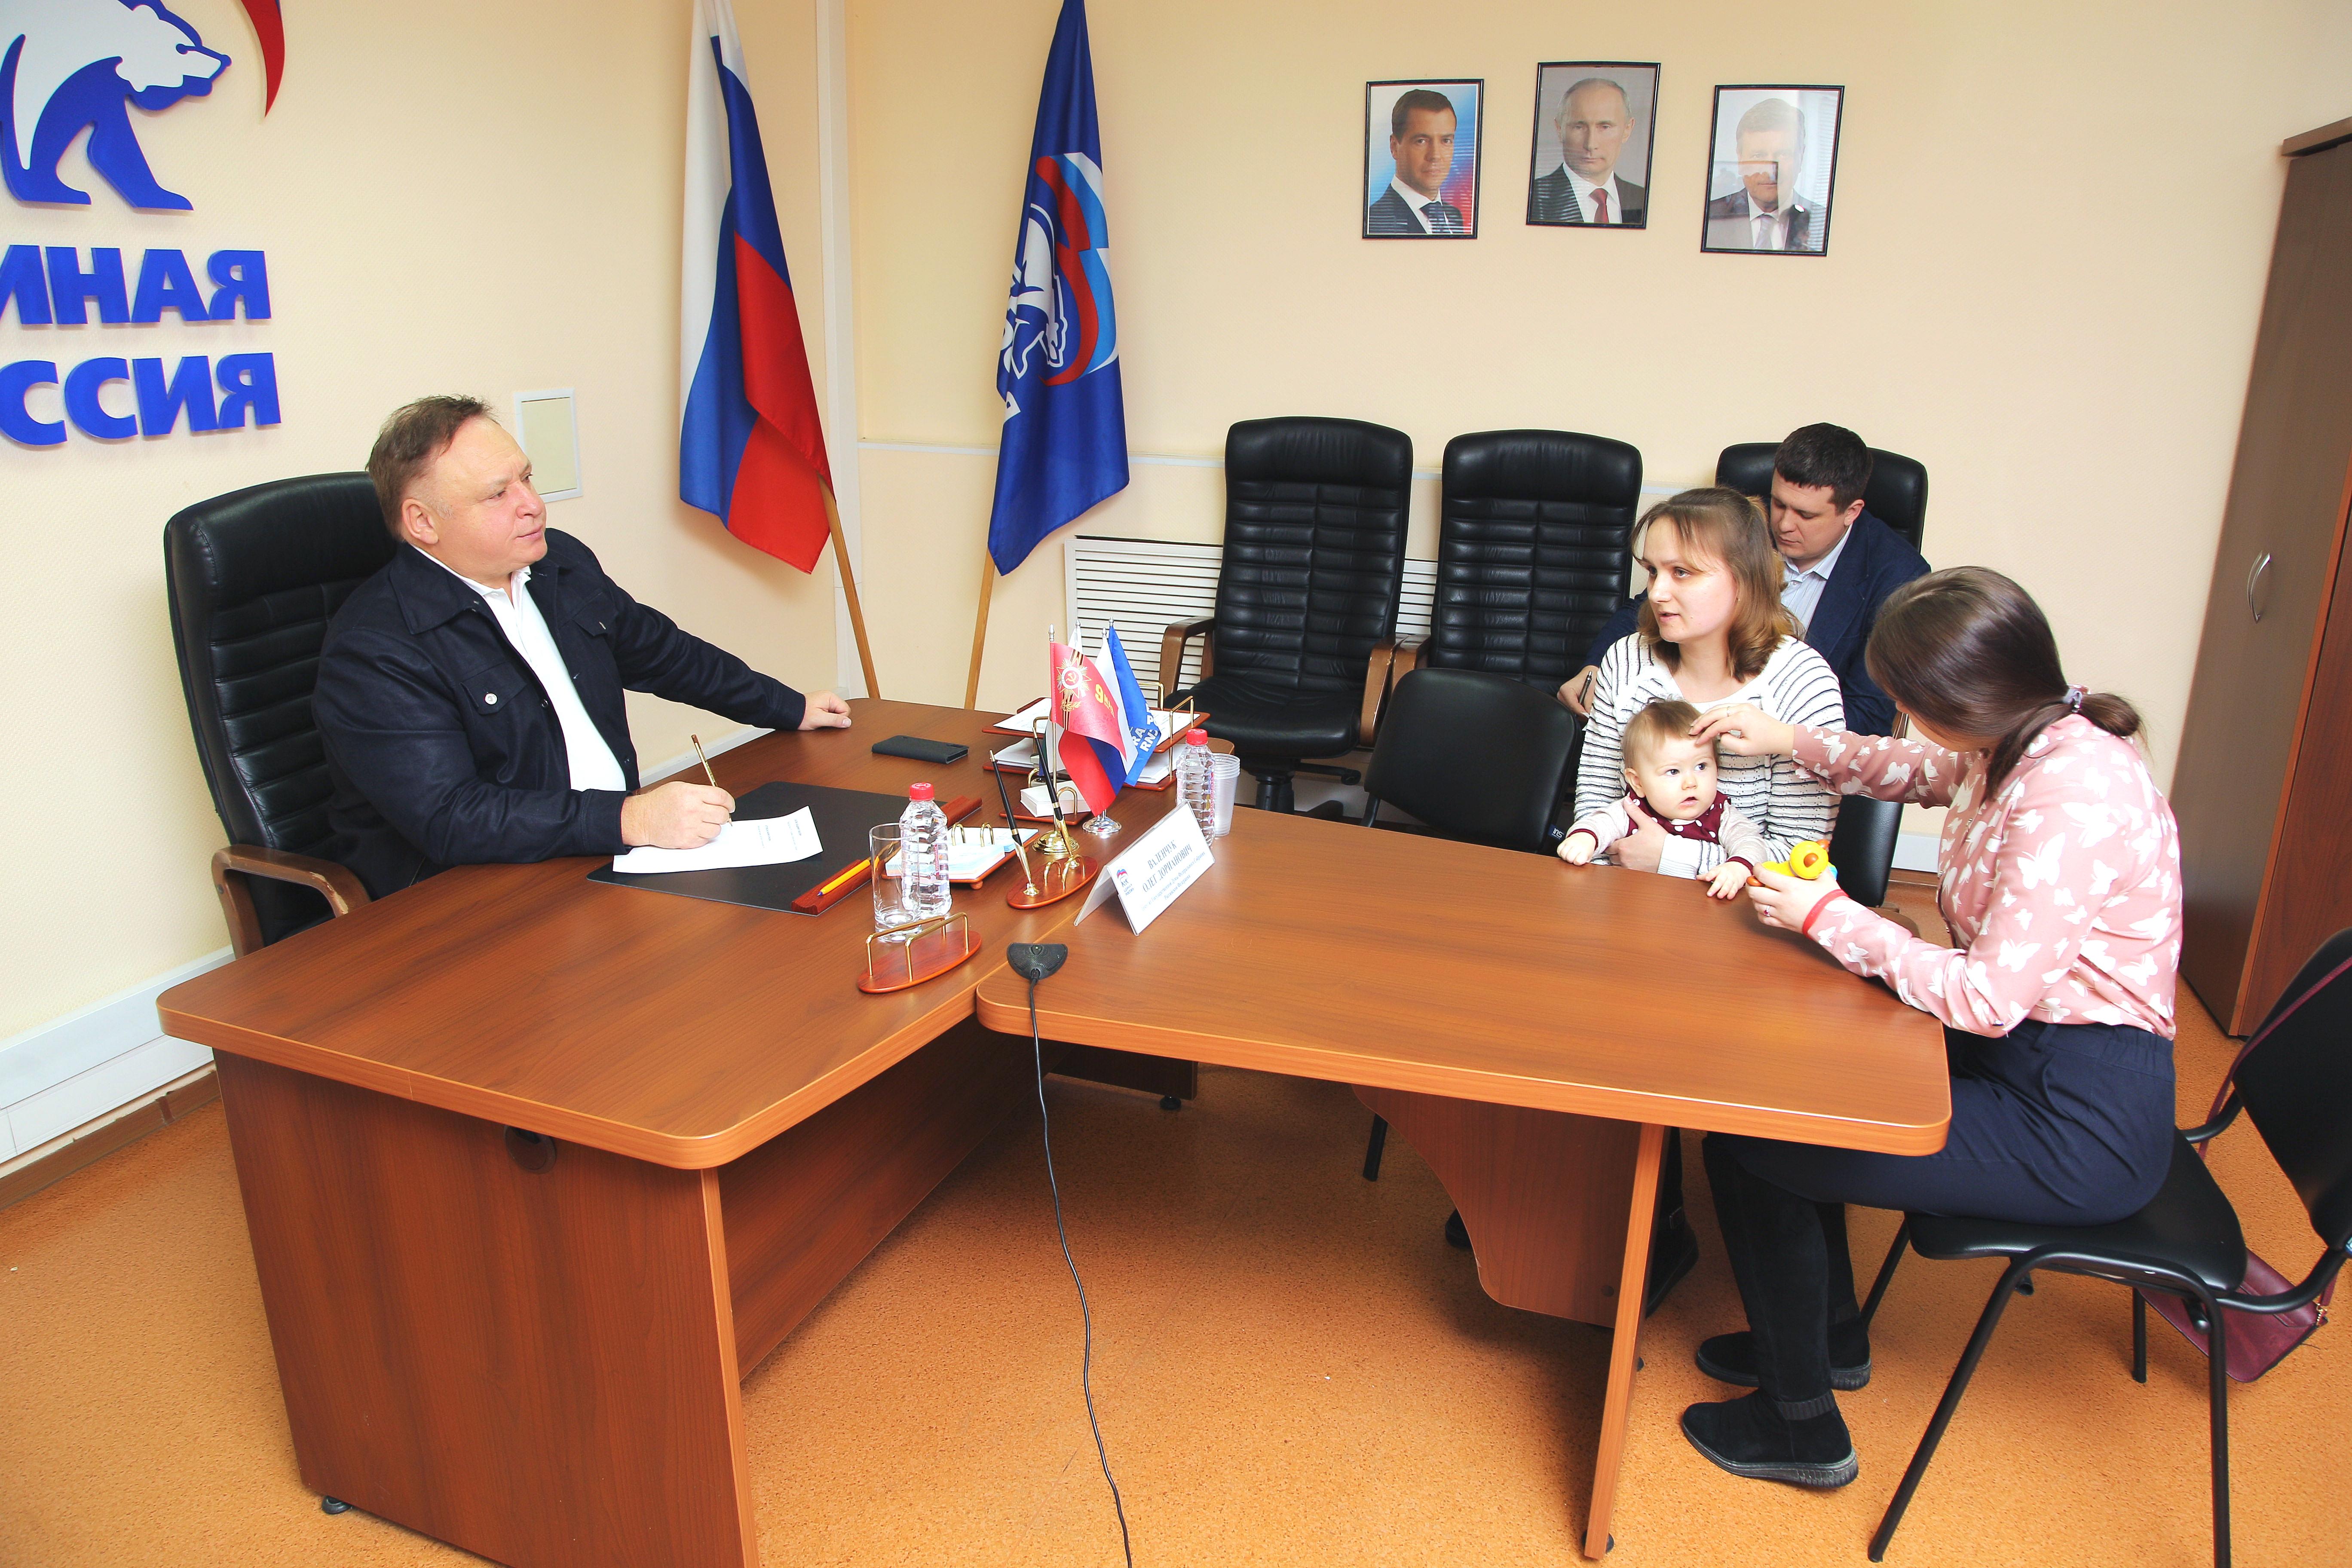 Олег Валенчук: Ипотека станет доступнее для российских семей